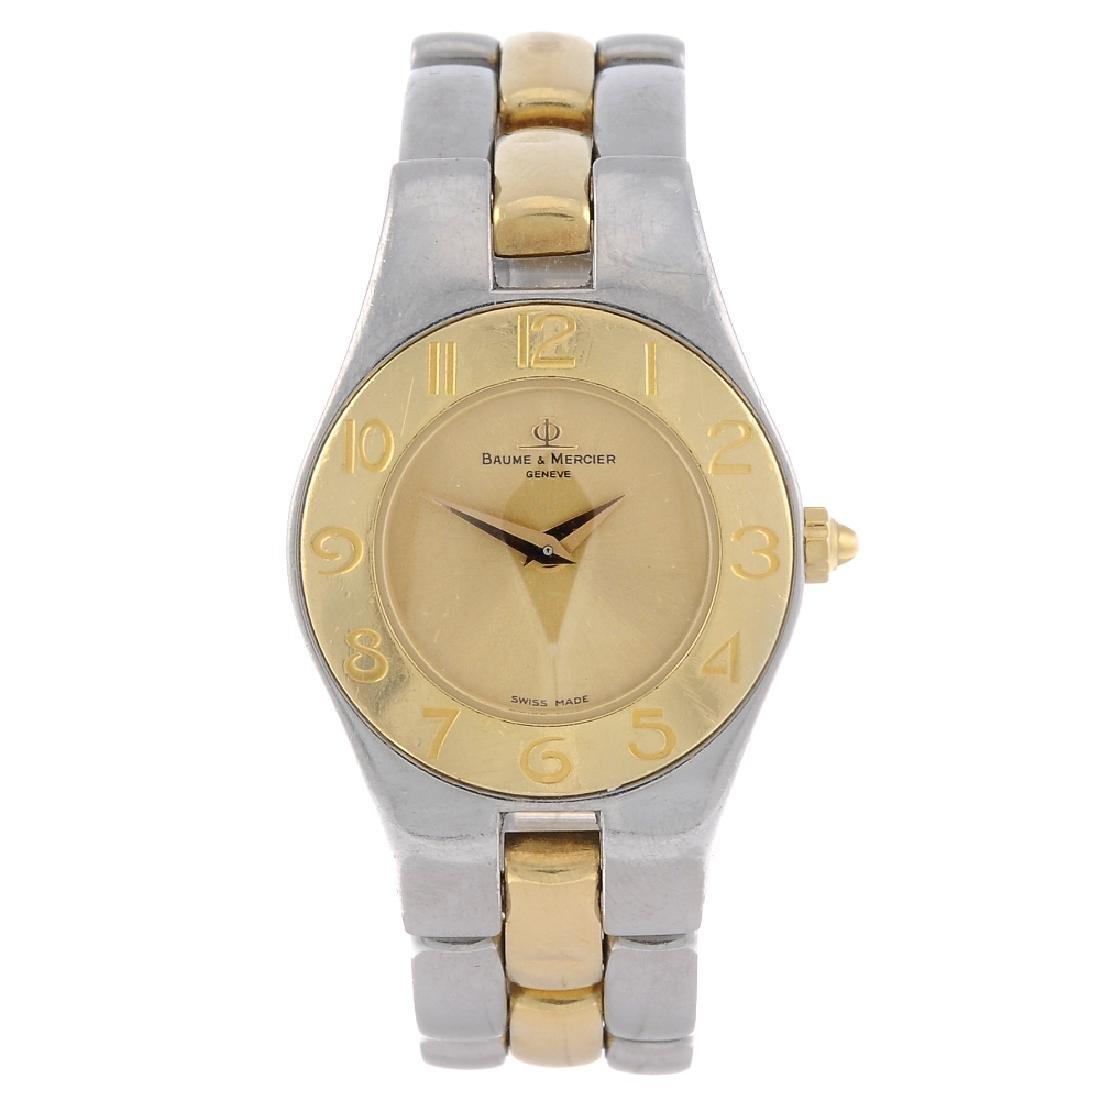 BAUME & MERCIER - a lady's Linea bracelet watch.